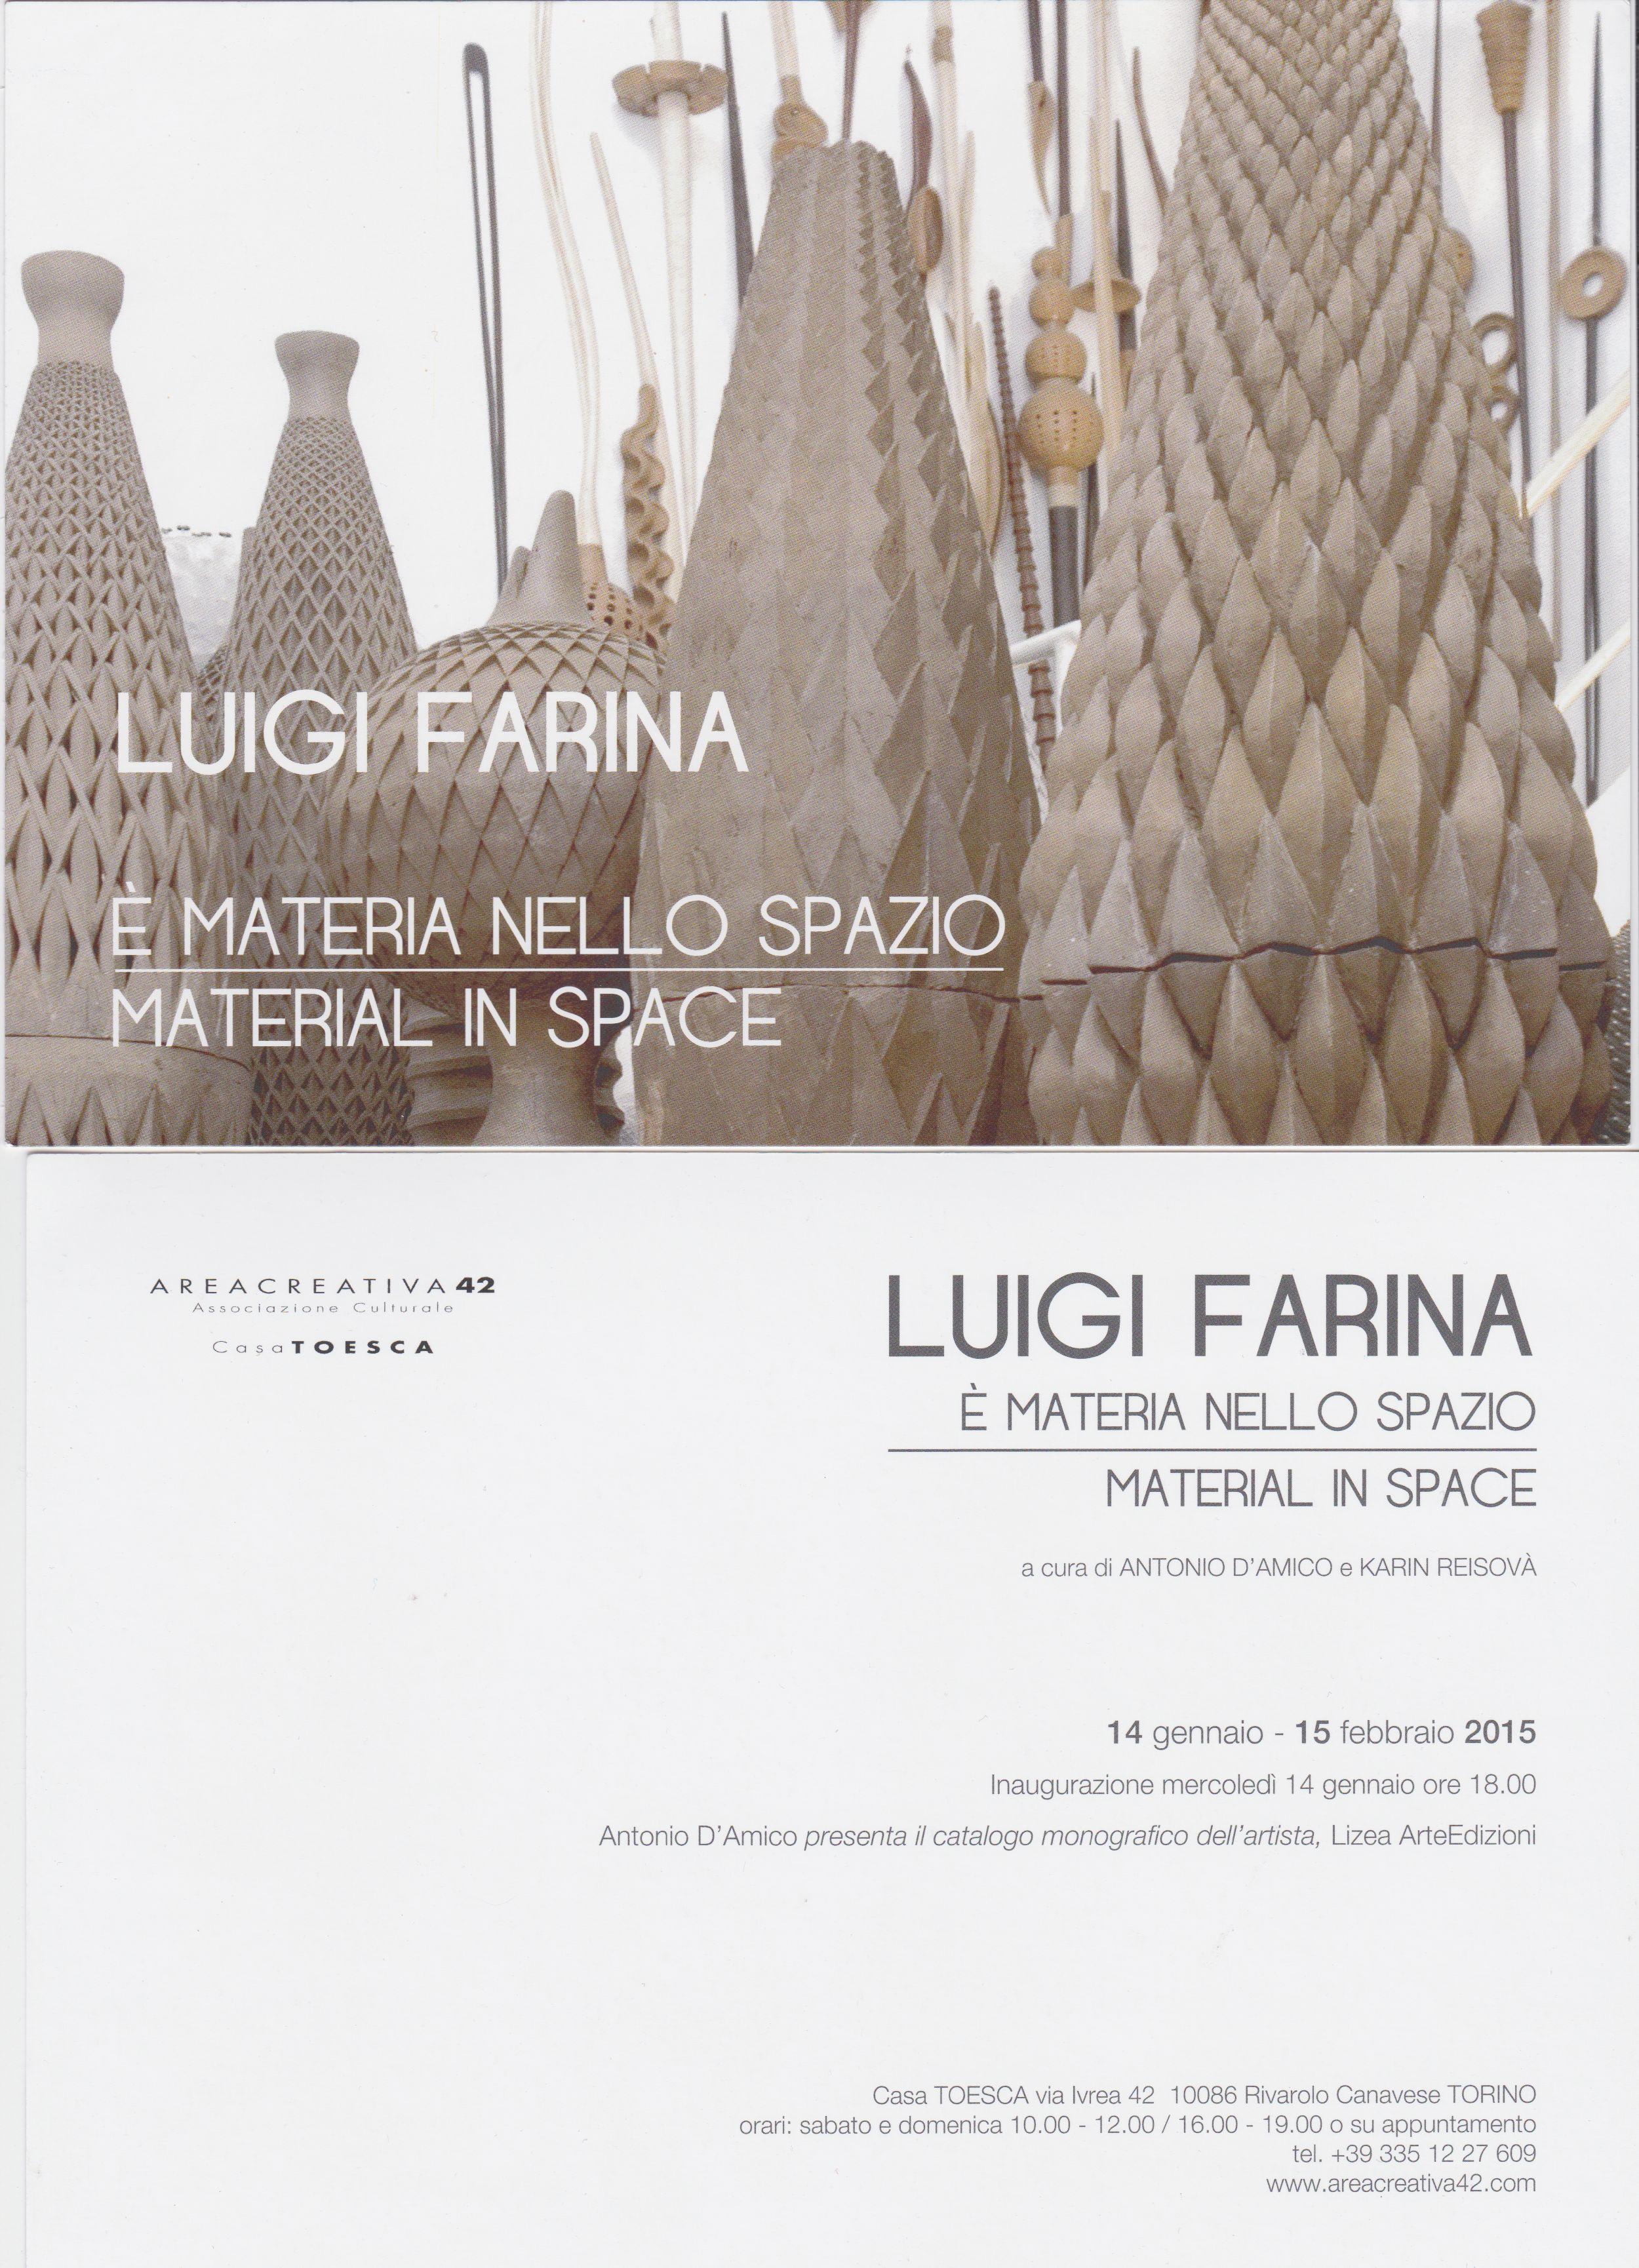 Luigi Farina - E' materia nello spazio